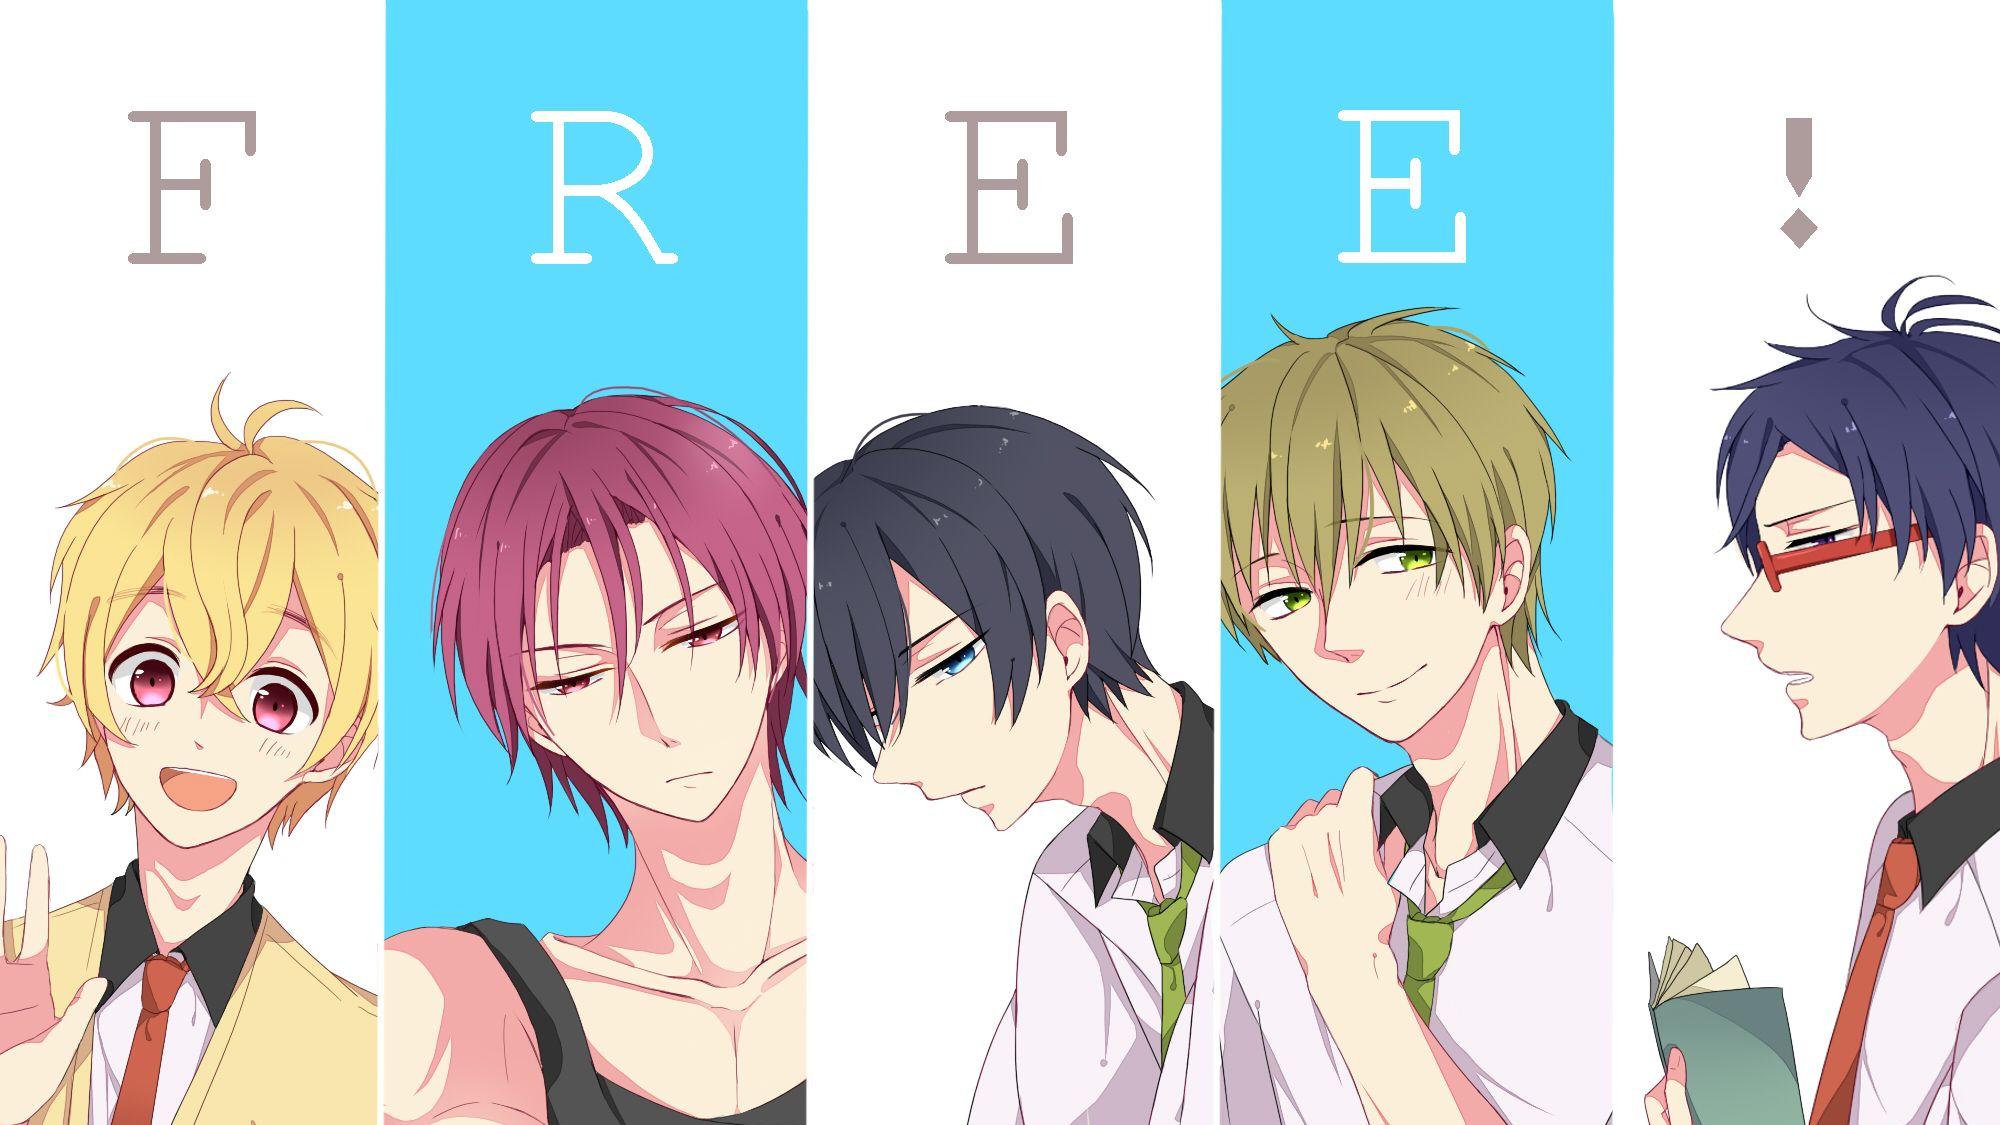 【BD1080P】Free! SP特典 1-3【幻樱字幕组】